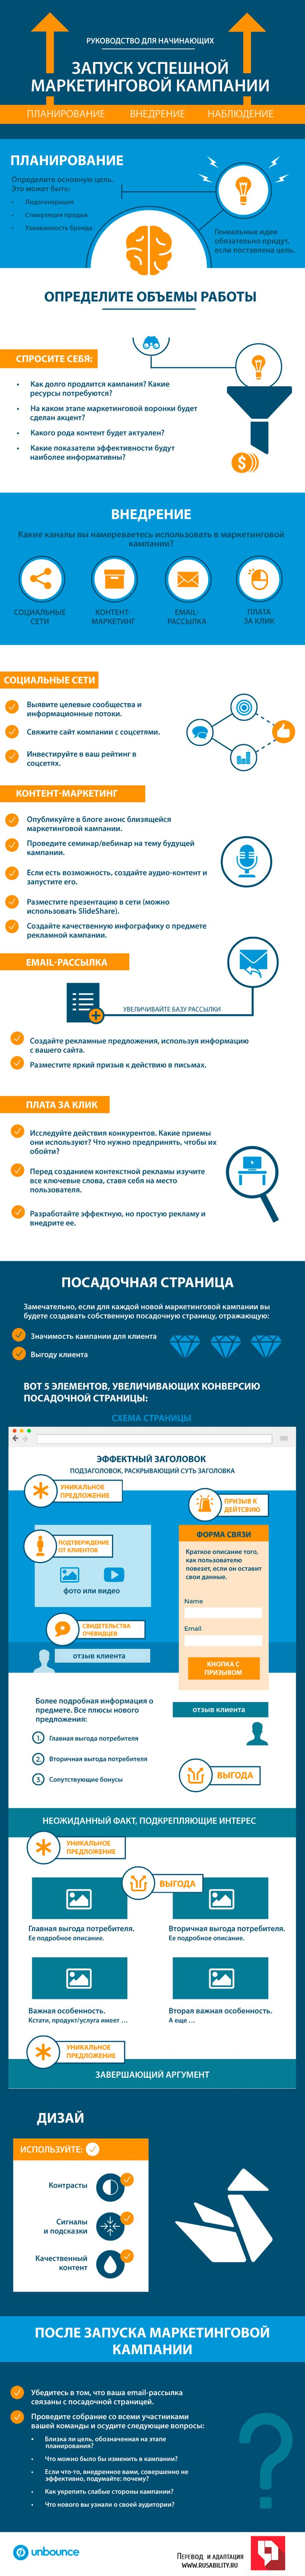 Стратегия, маркетинг, инфографика, планирование, контент-маркетинг, маркетинговая кампания, рекламная кампания, посадочная страница, стратегия, интернет-маркетинг, e-commerce